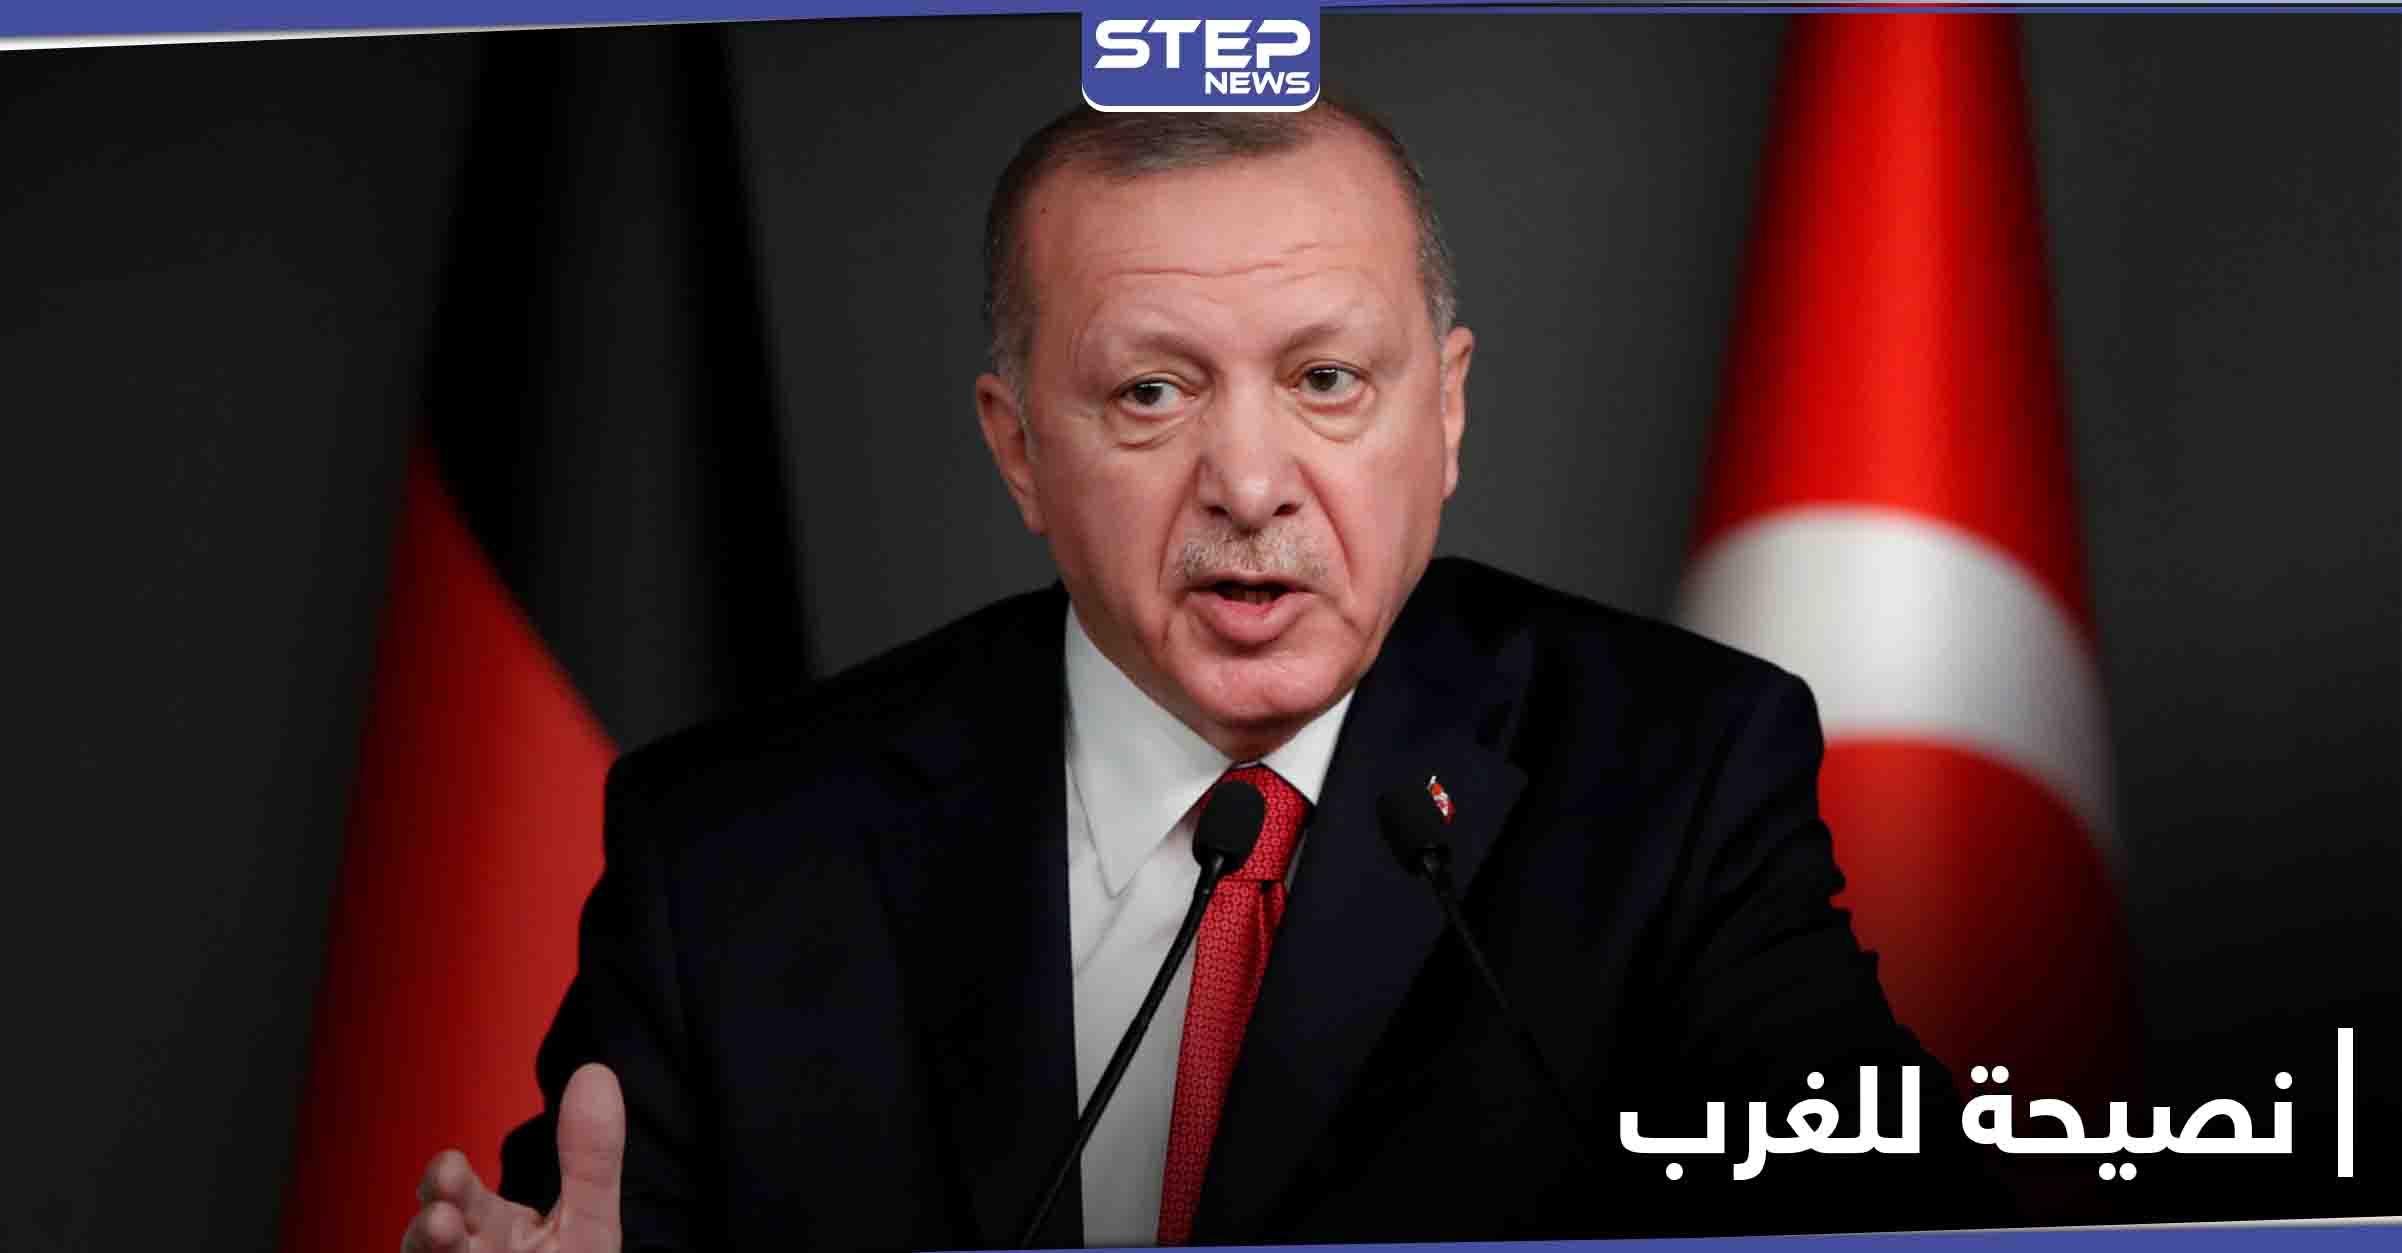 """""""الأفاعي ستلدغكم"""".. أردوغان يوجه نصيحة لدول الغرب"""